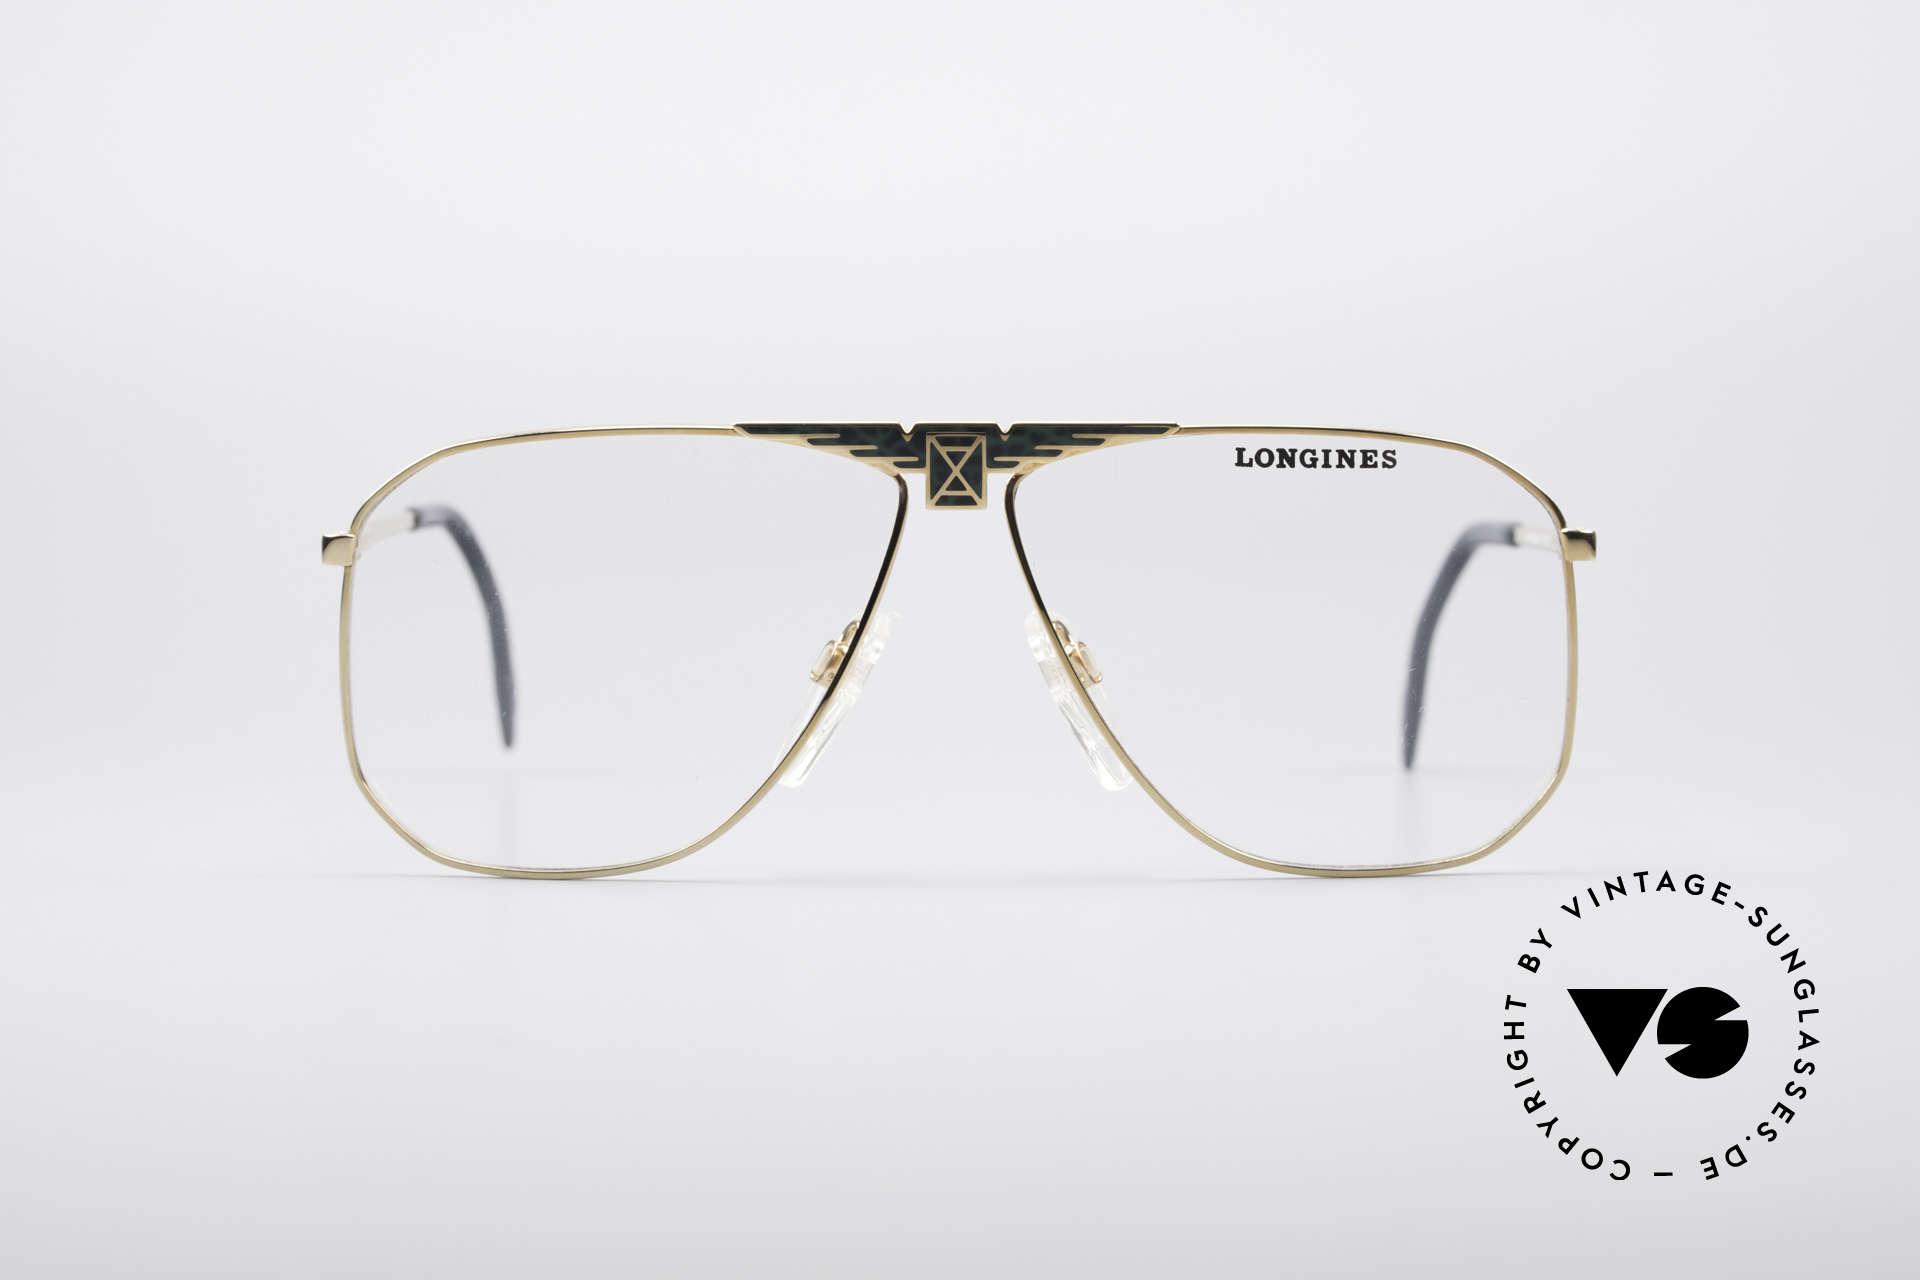 Longines 0155 80er Designer Fassung, sehr edler Rahmen mit flexiblen Feder-Scharnieren, Passend für Herren